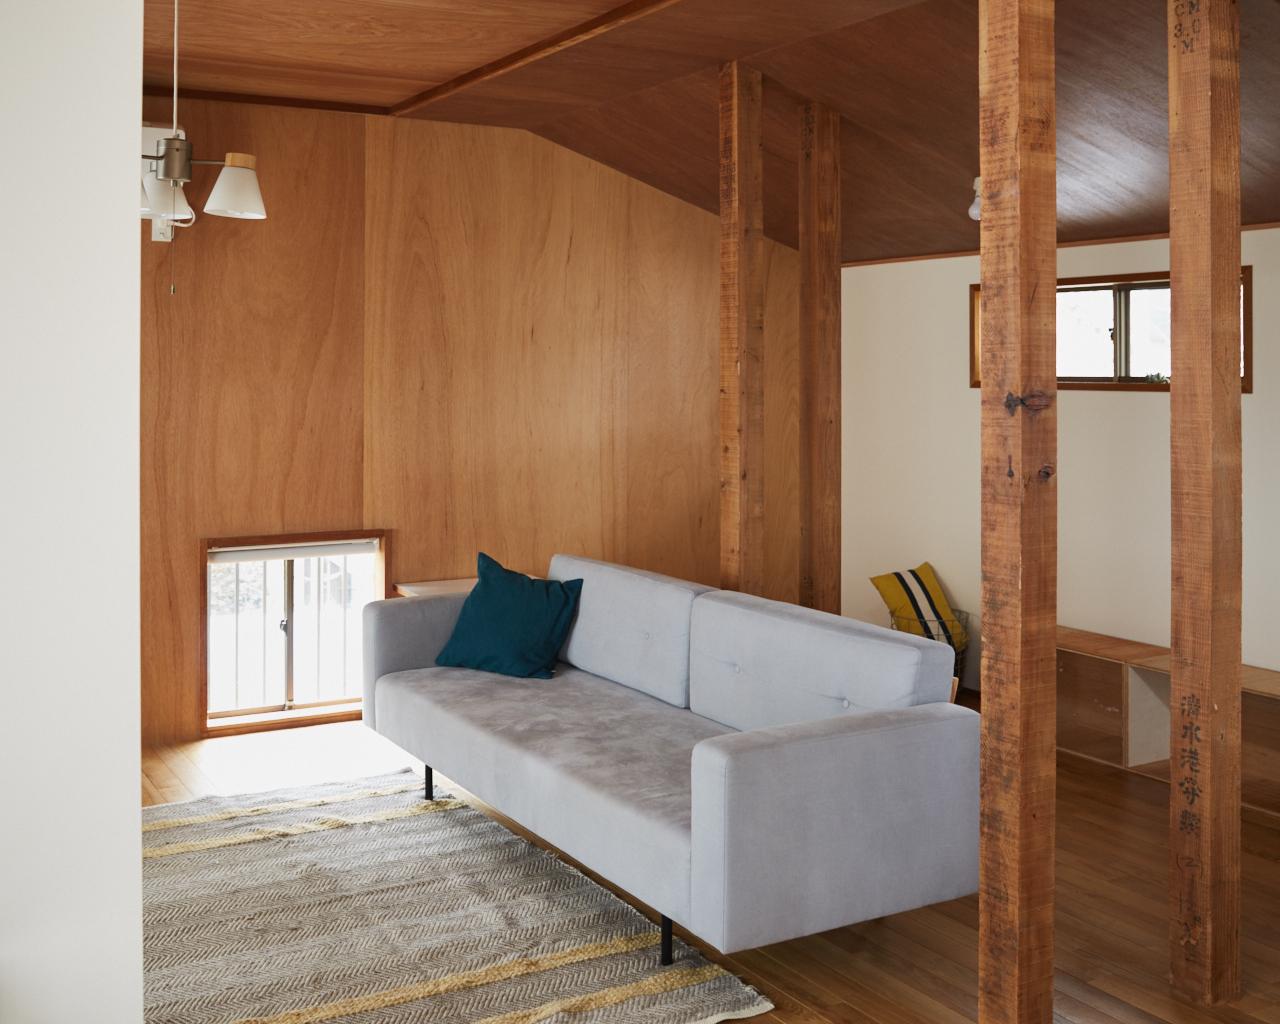 後藤武浩さんと土屋綾子さんは、ともに実家が戸建てだったこともあって、家の購入時には「マンション暮らしは一切考えてなかった」とキッパリ。そんな2人は結婚のタイミングで新居となる物件探しをはじめ、荻窪エリアにある築33年の木造住宅と運命的な出会いを果たす。